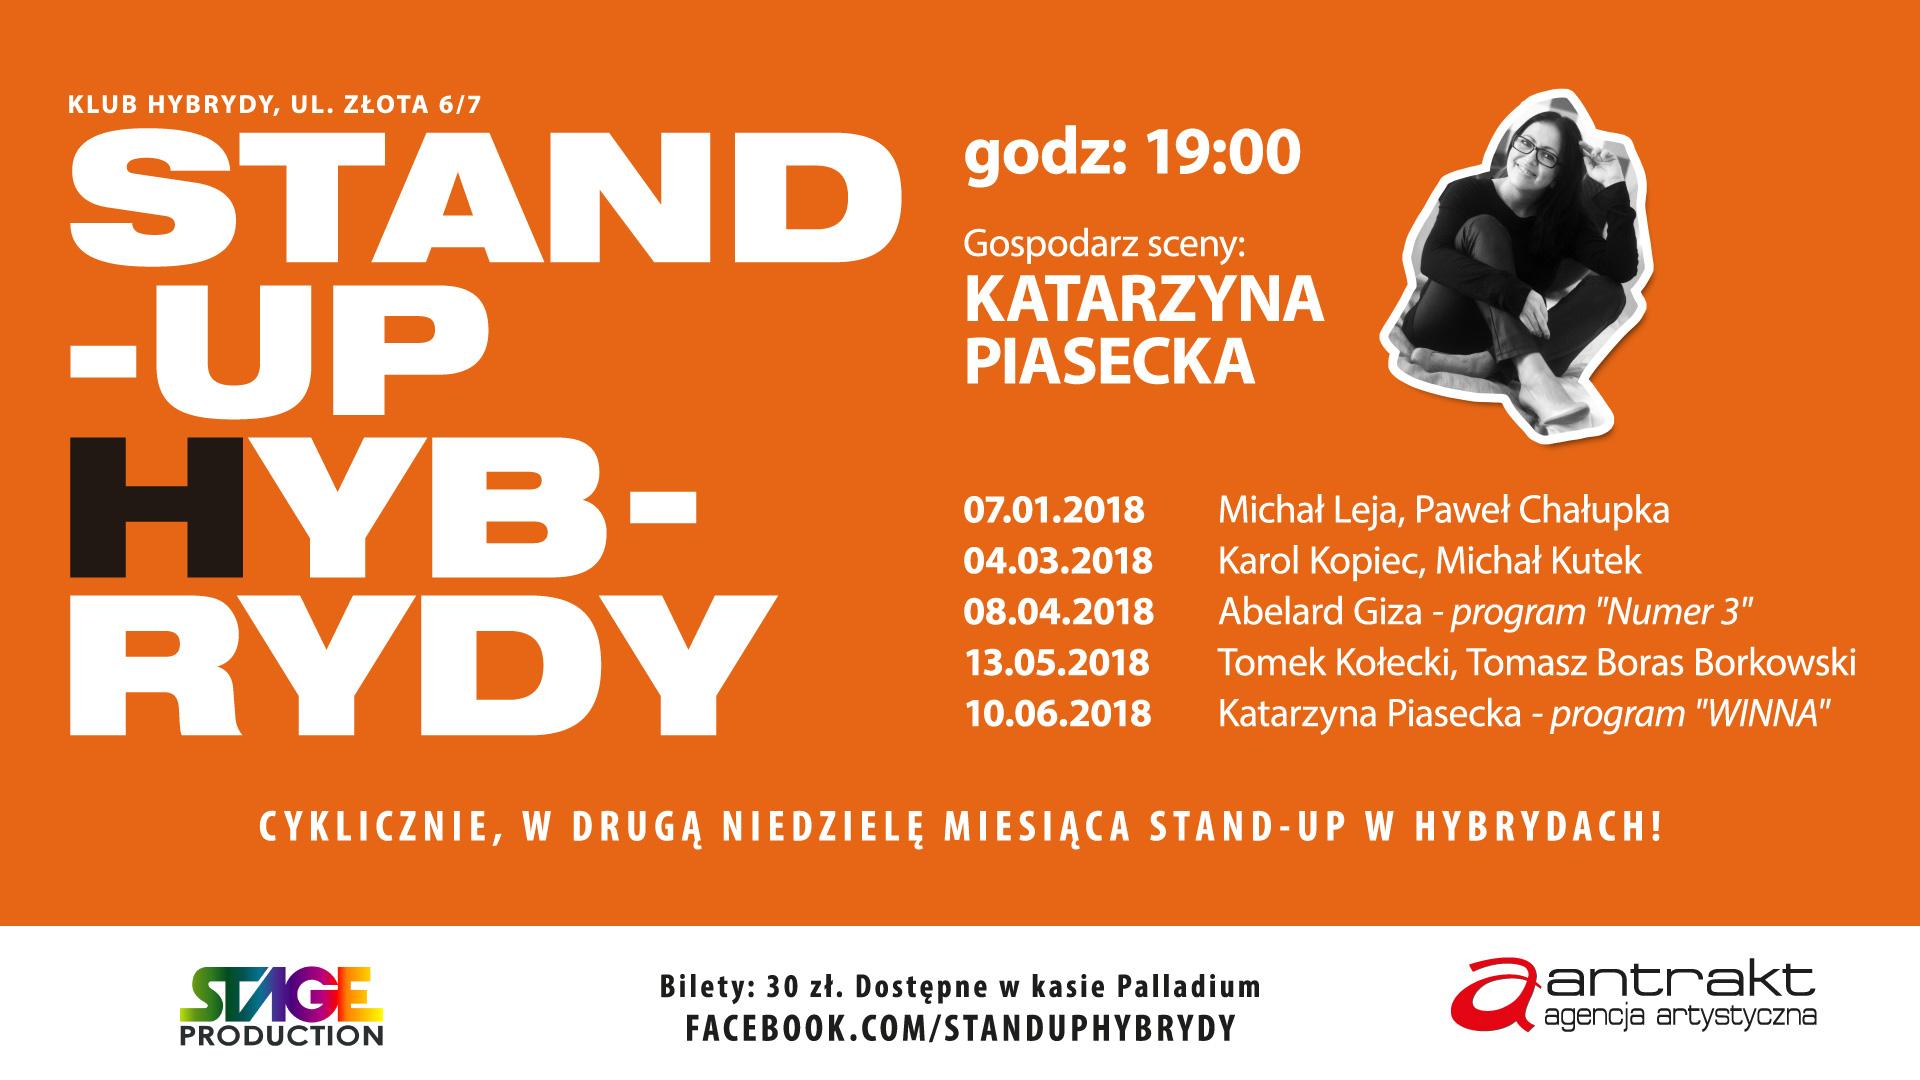 <p> 9 listopada 2014 ruszyliśmy z cyklemStand-up Hybrydy. Gospodarzem scenyjest Katarzyna Piasecka. Raz w miesiącu zaprasza najlepszych polskich komików i wspólnie robią rasowy wieczór stand-up comedy. Na zakończenie każdego z nich odbywa się open mic (chętnych prosimy o napisanie wiadomości naprofilu  Stand-up Hybrydy ). Będzie odważnie, abstrakcyjnie i zabawnie. PROGRAM TYLKO DLA WIDZÓW DOROSŁYCH.Startujemyzawsze [&hellip;]</p>